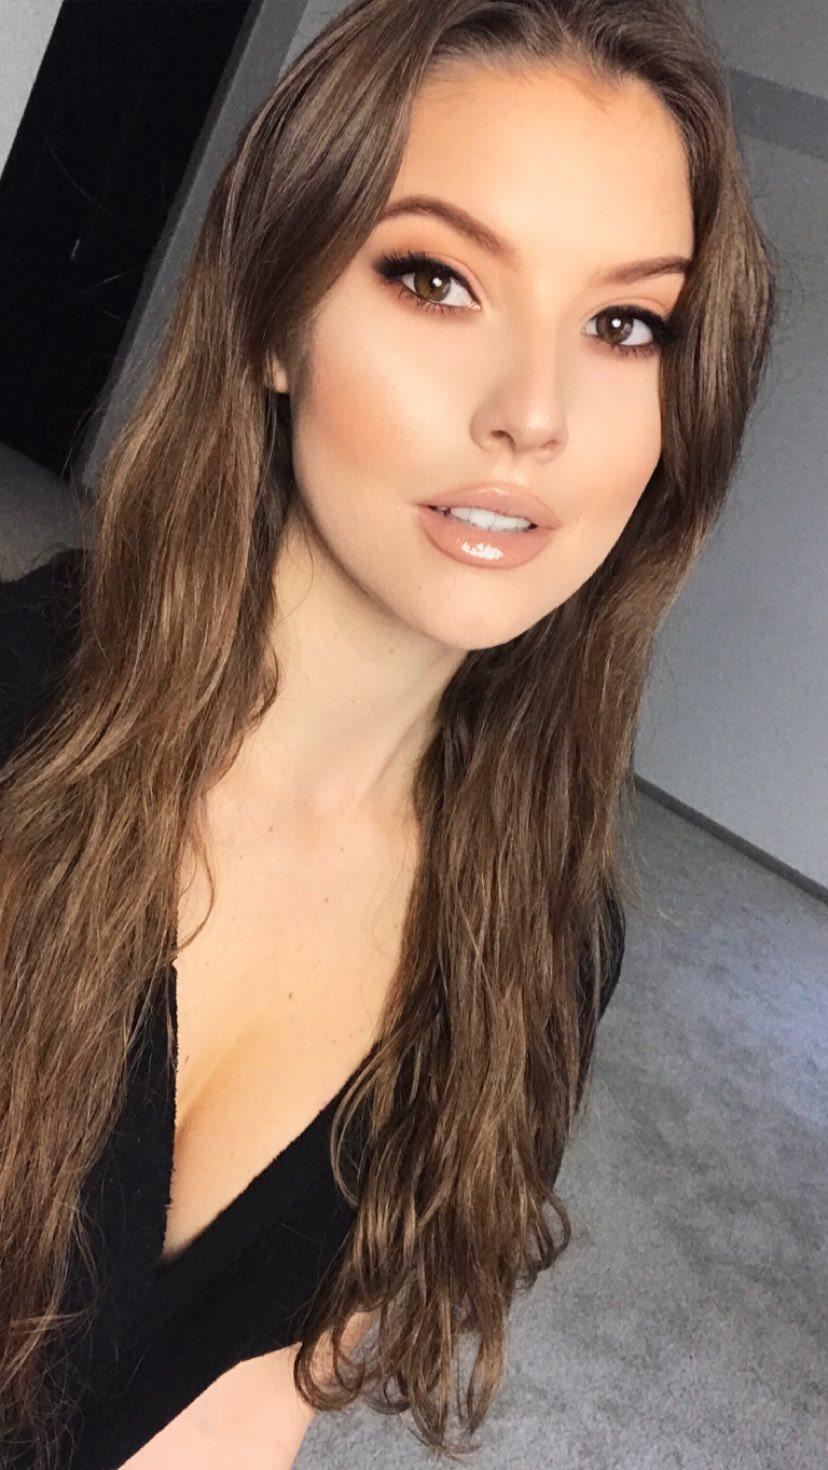 Amanda Cerny Sexy Pictures (36 Pics)